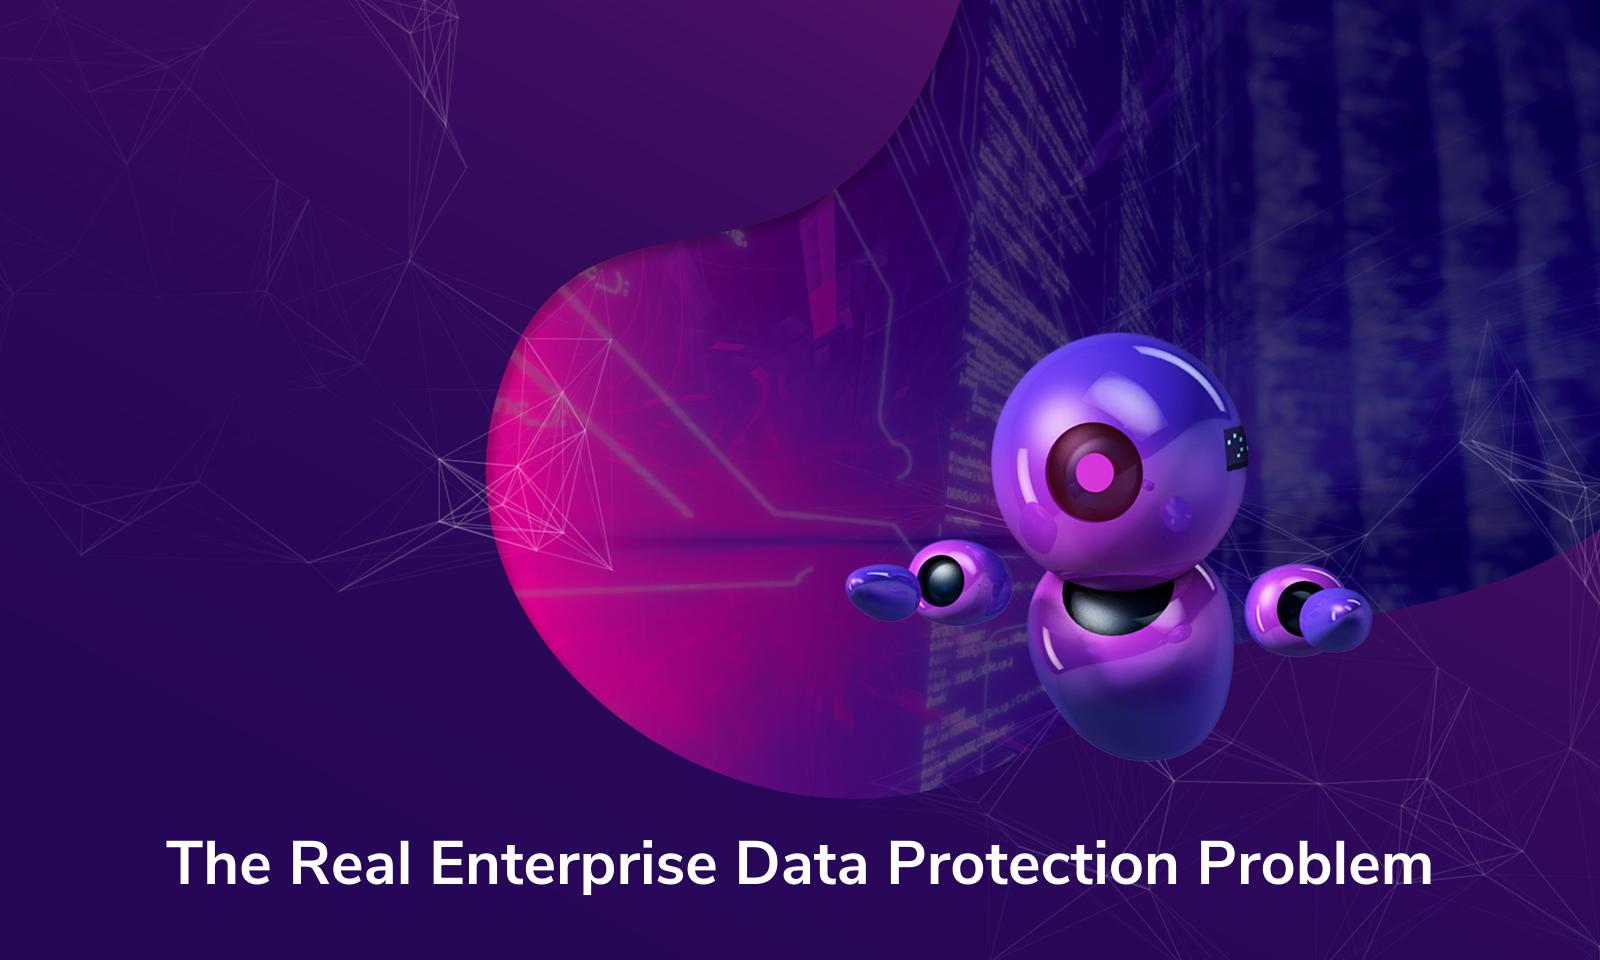 O verdadeiro problema de proteção de dados corporativos